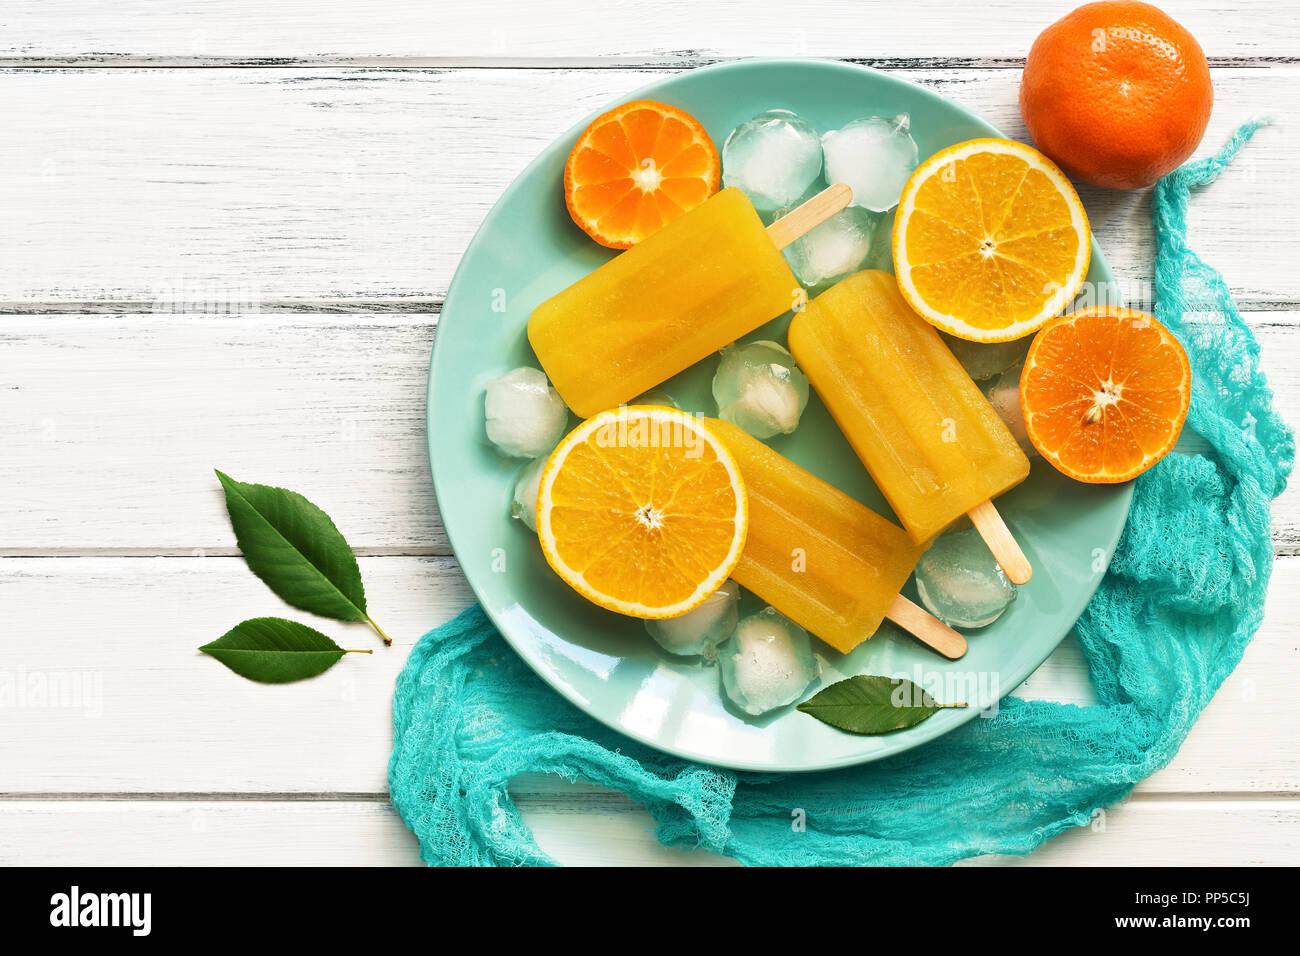 Naranja mandarina paletas en placa azul con cubitos de hielo y rodajas de frutas, fondo rústico de madera blanca. Vista superior, espacio de copia Imagen De Stock